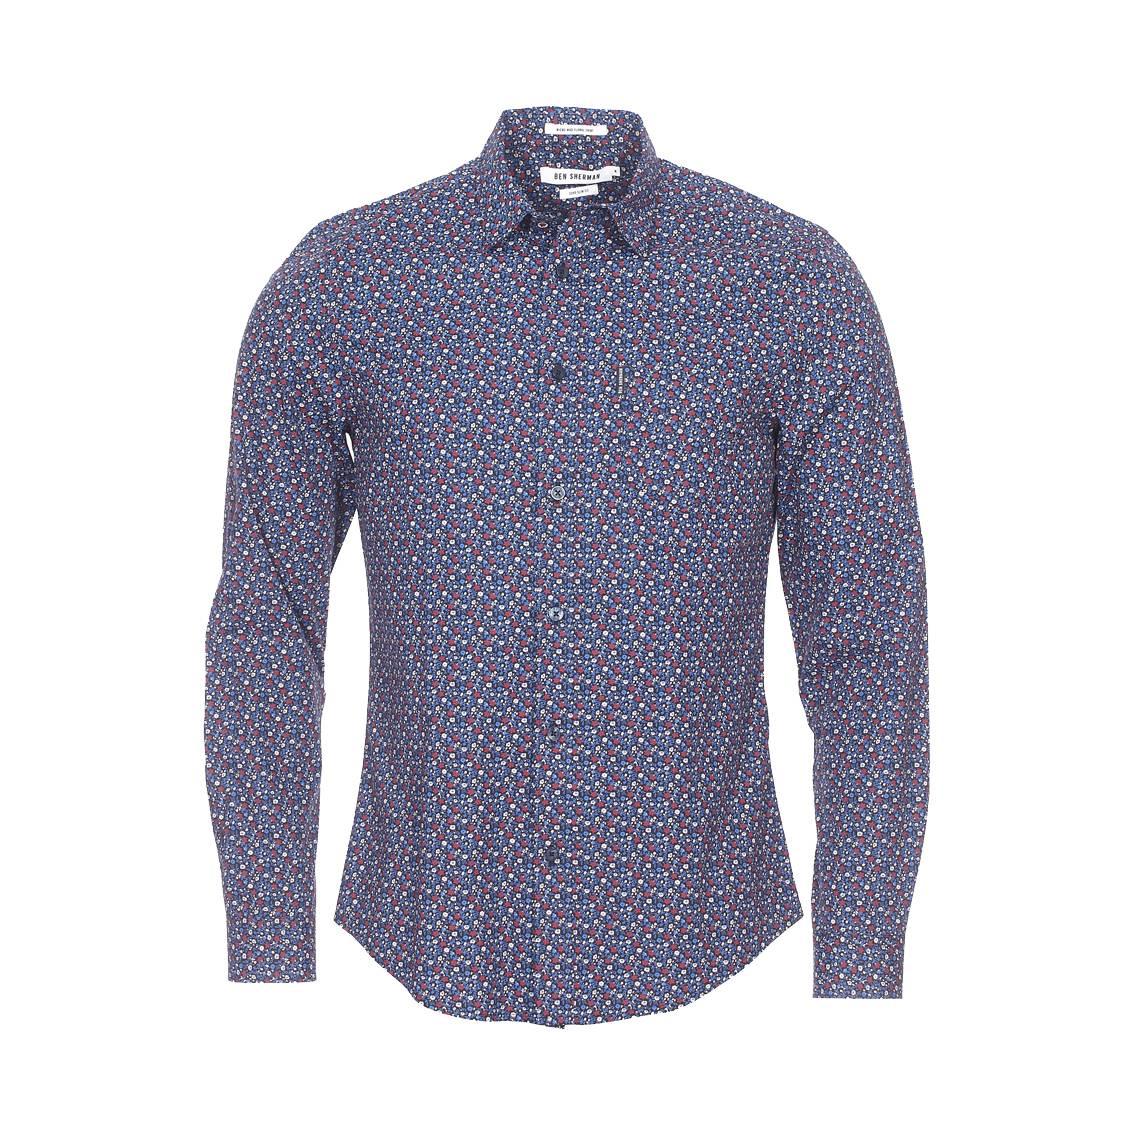 chemise cintr e ben sherman en coton bleu marine fleurs bleues bordeaux et marron clair rue. Black Bedroom Furniture Sets. Home Design Ideas